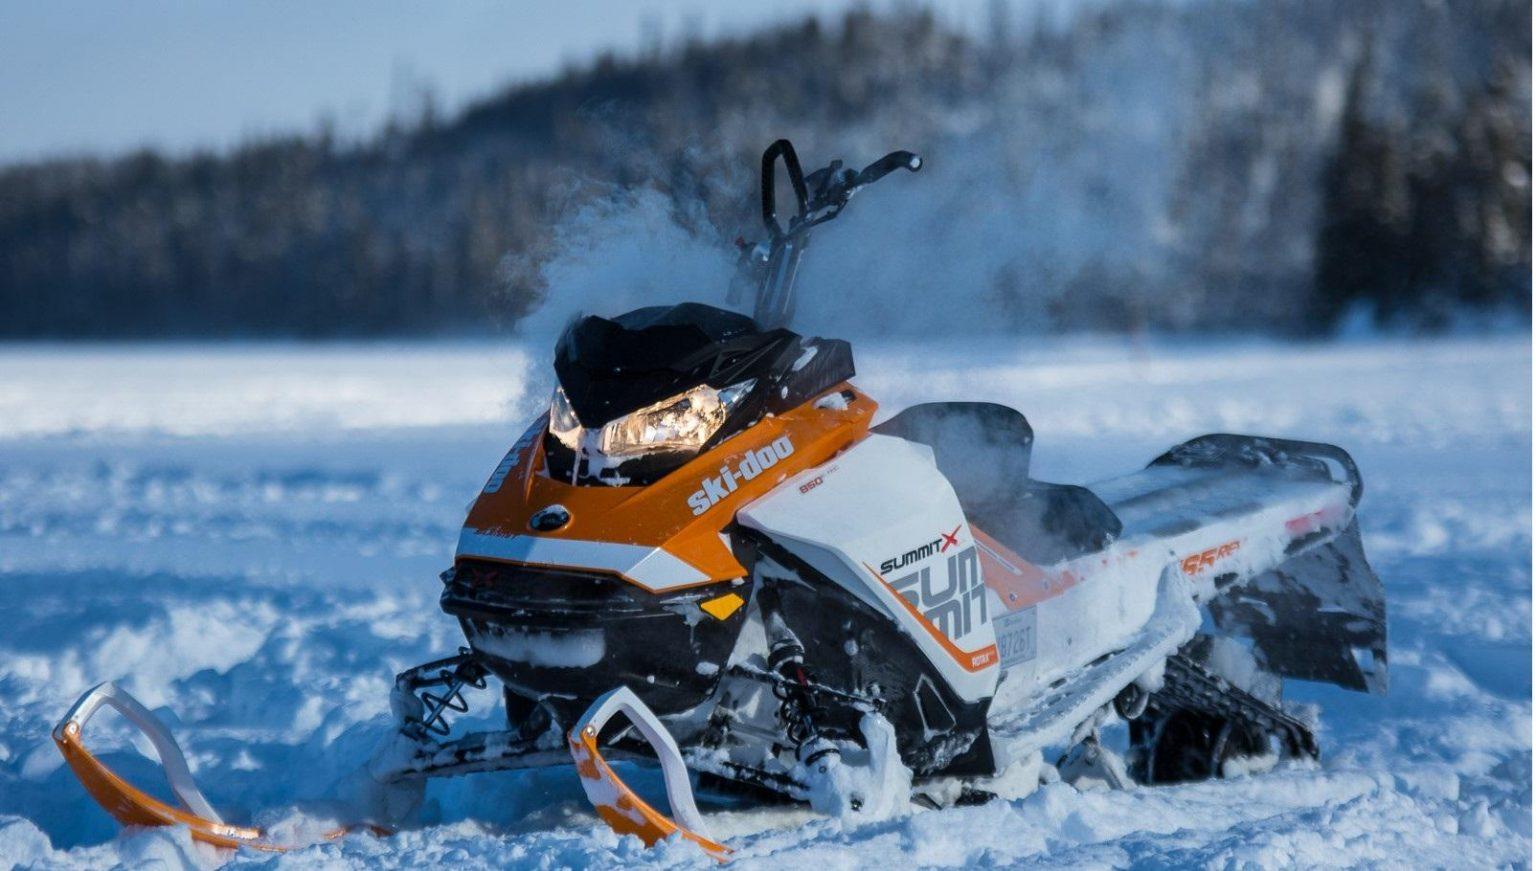 Motoneiges Ski-Doo à considérer pour l'achat d'une motoneige usagée